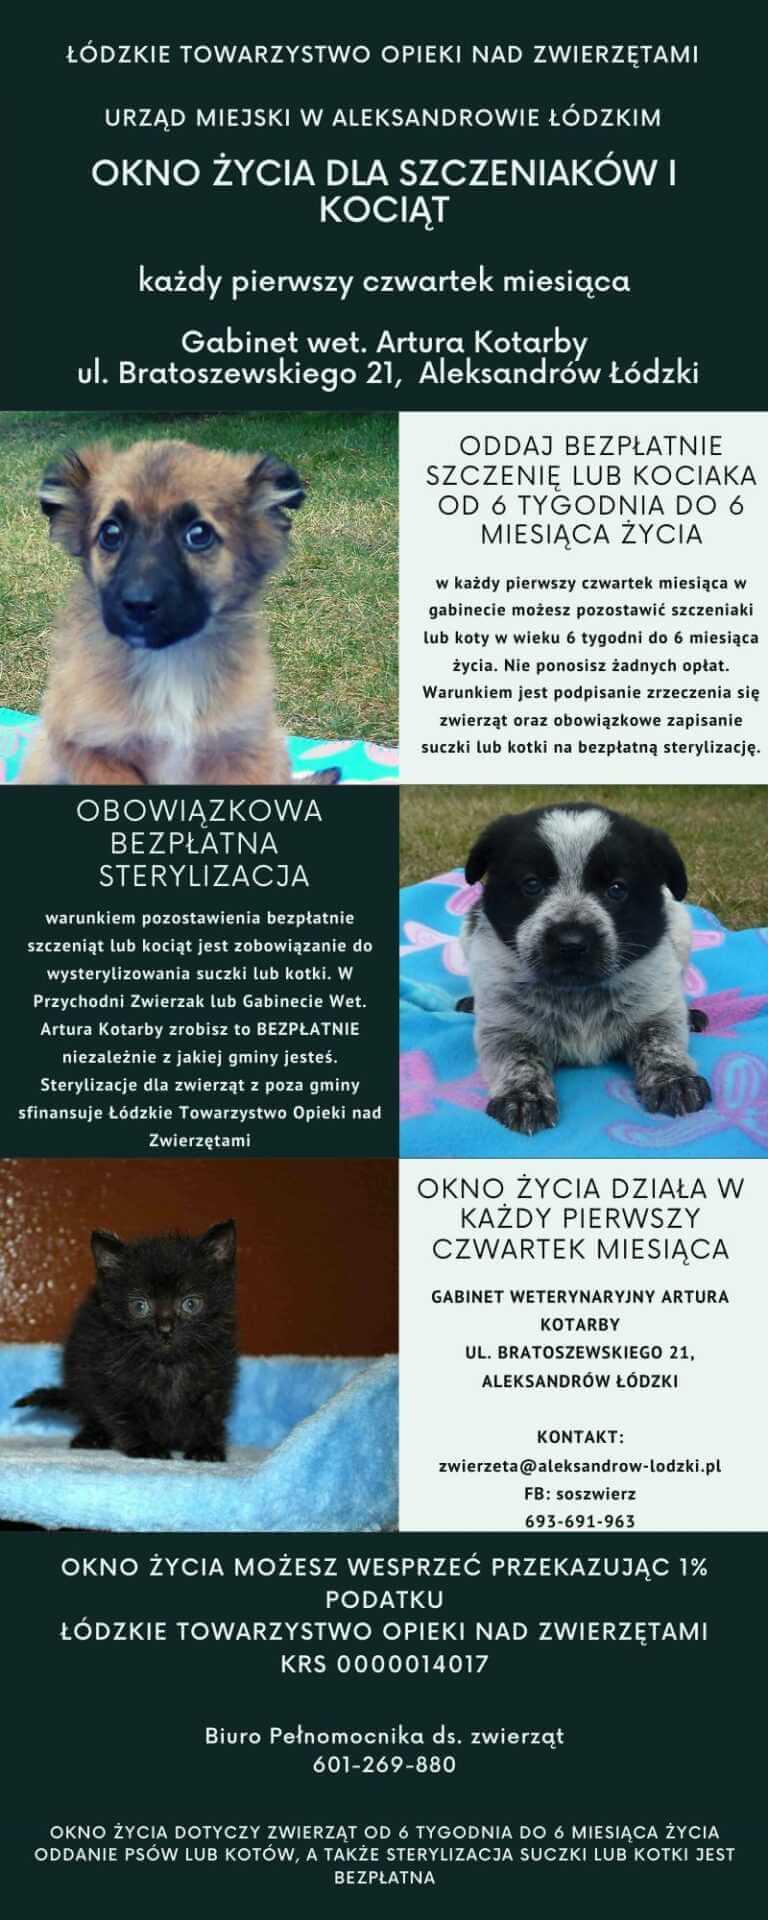 """""""Okno życia dla zwierząt"""" w Polsce! Można w nim zostawić niechciane psy i koty"""